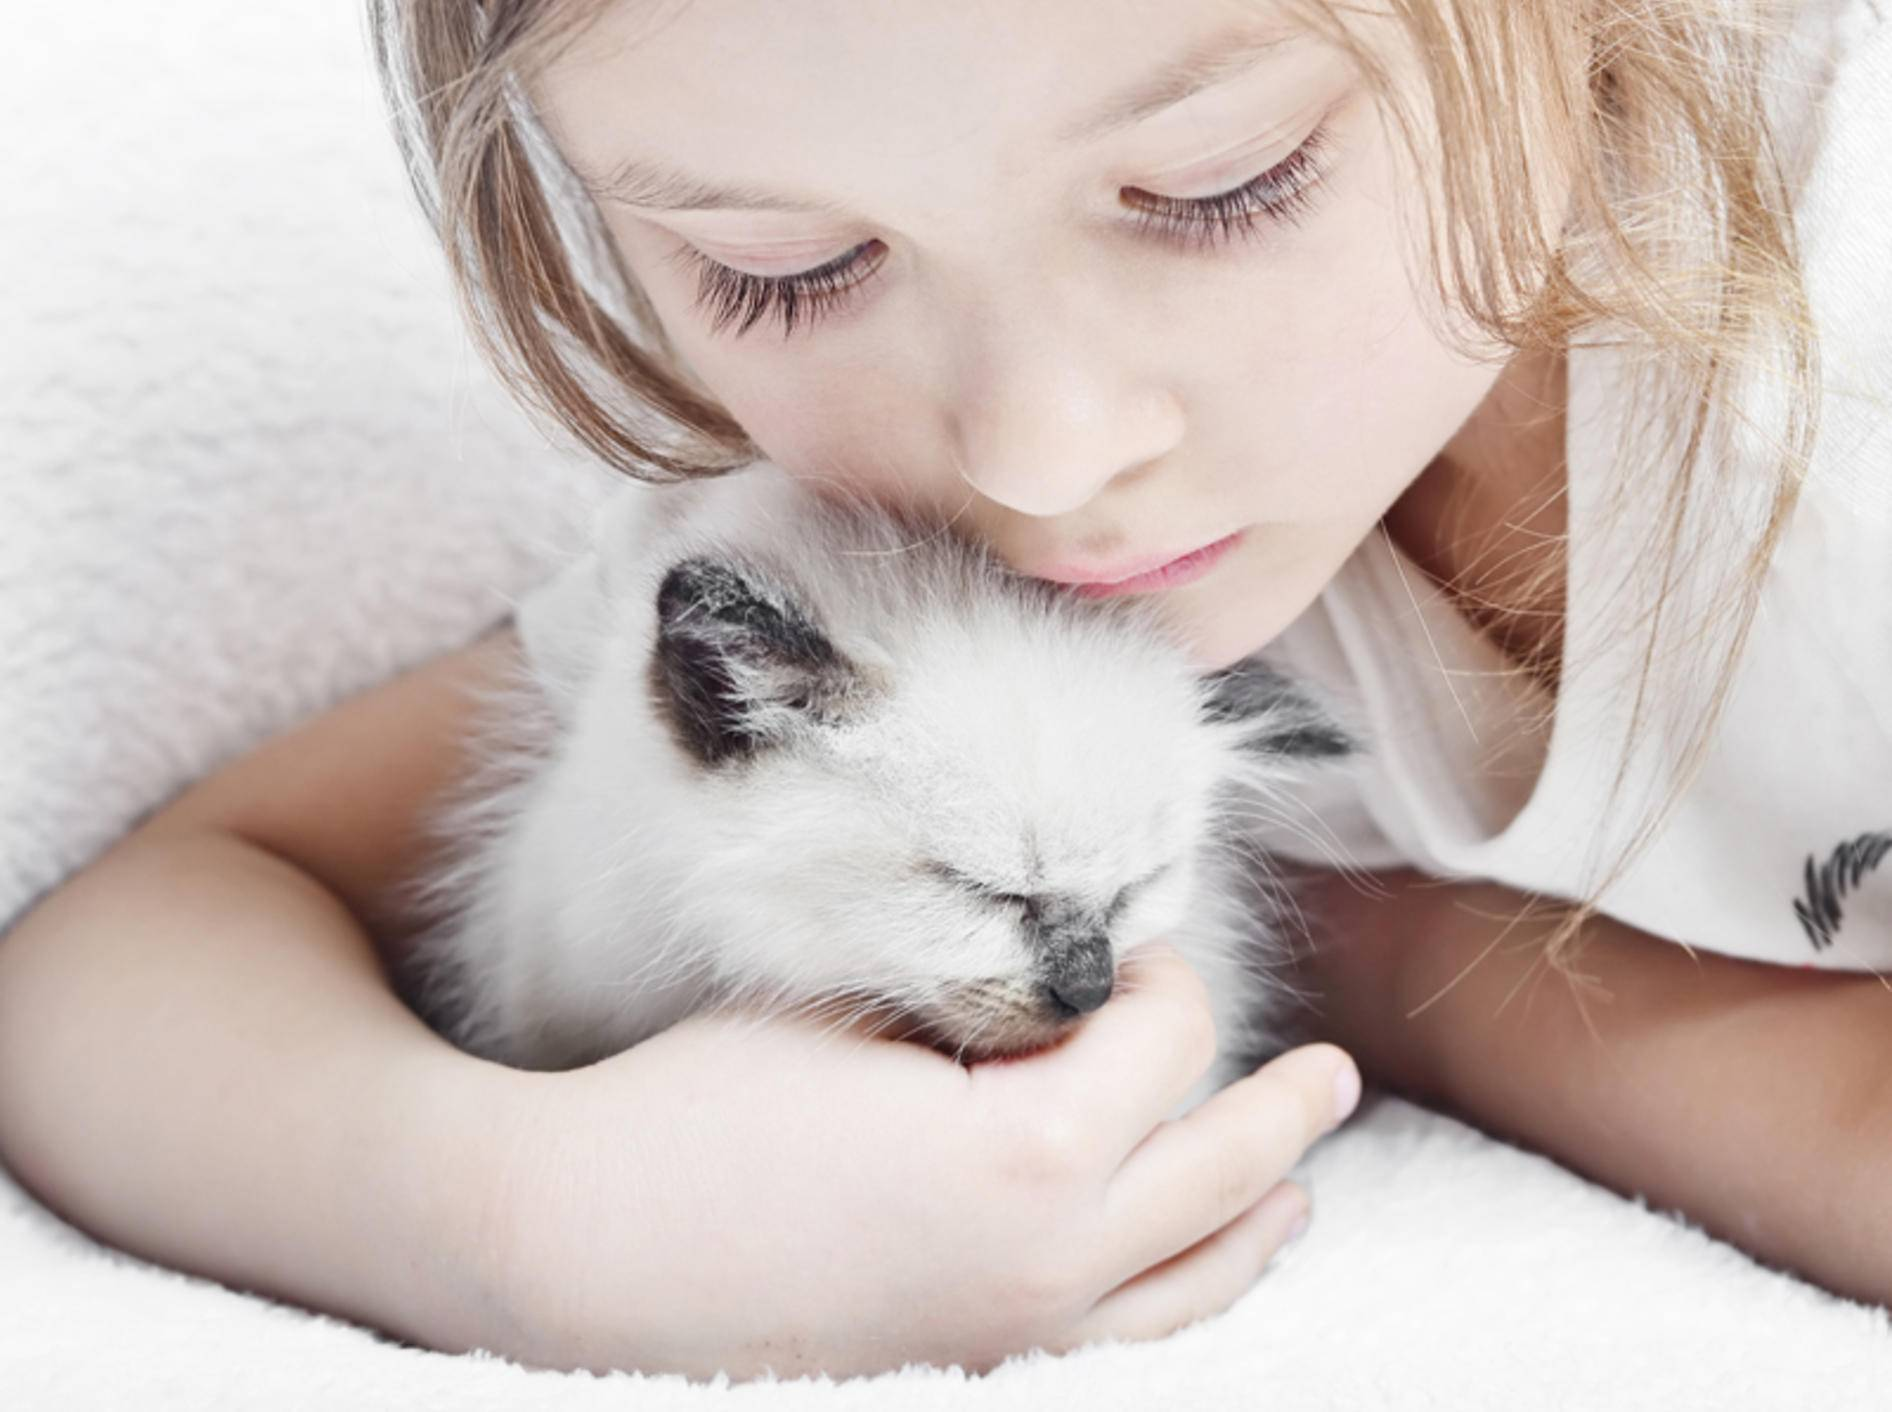 Ragdolls gehören zu den idealen Katzenrassen für Kinder – Bild: Shutterstock / gurinaleksandr